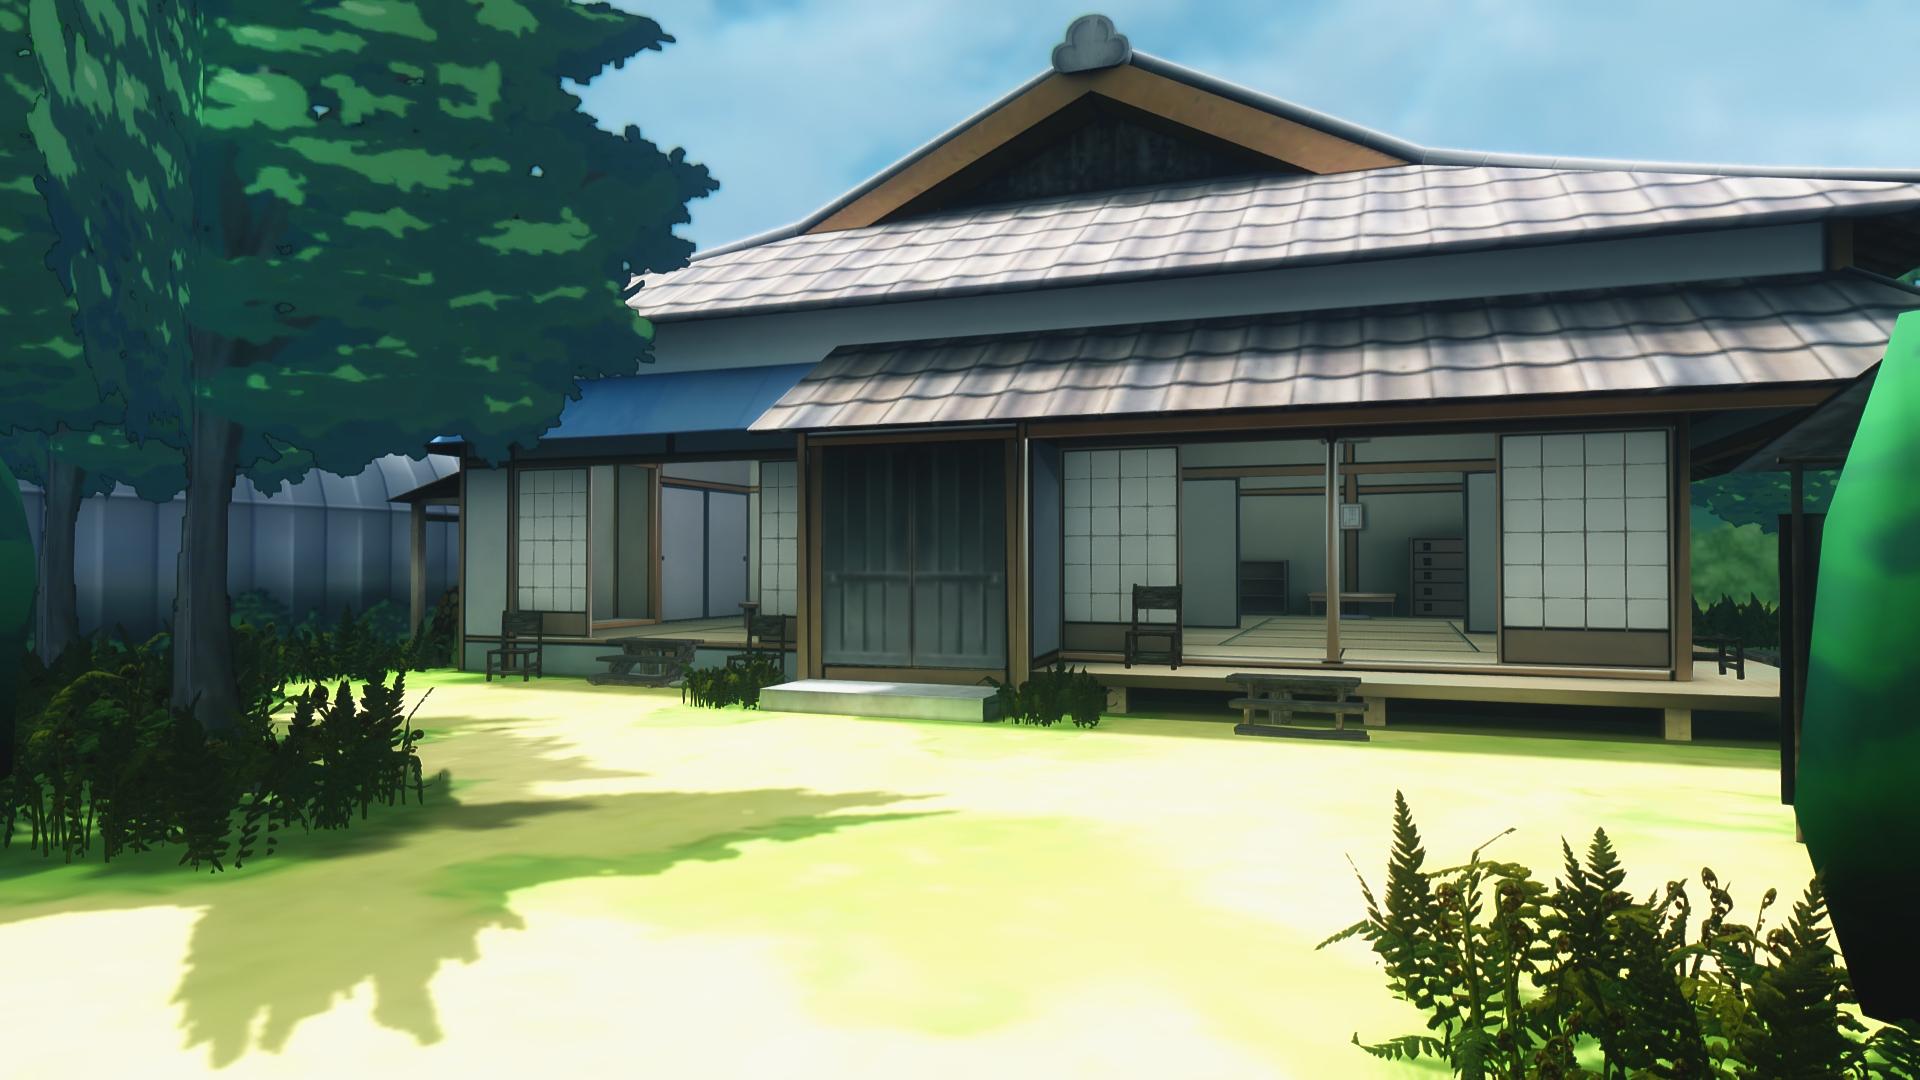 Asunina kuca Japanese_home_for_skyrim_by_user619-d9b7q6h